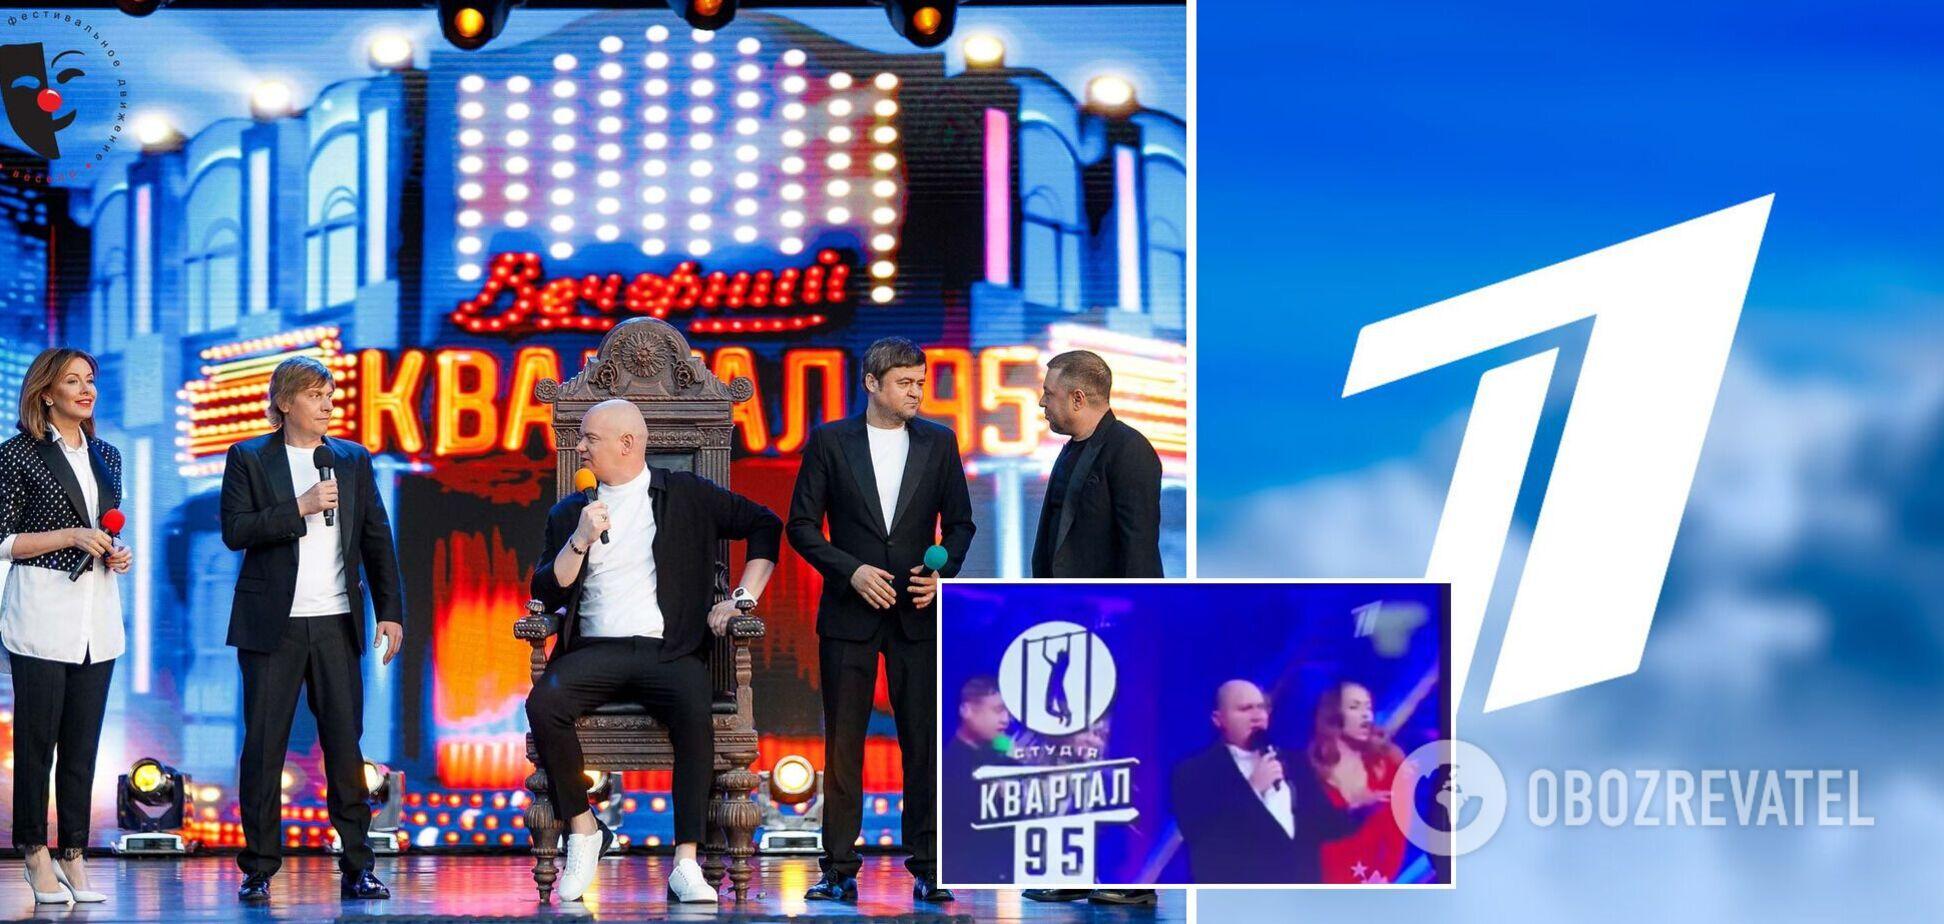 '95 квартал' рекламирует свои концерты на кремлевском телеканале. Видео